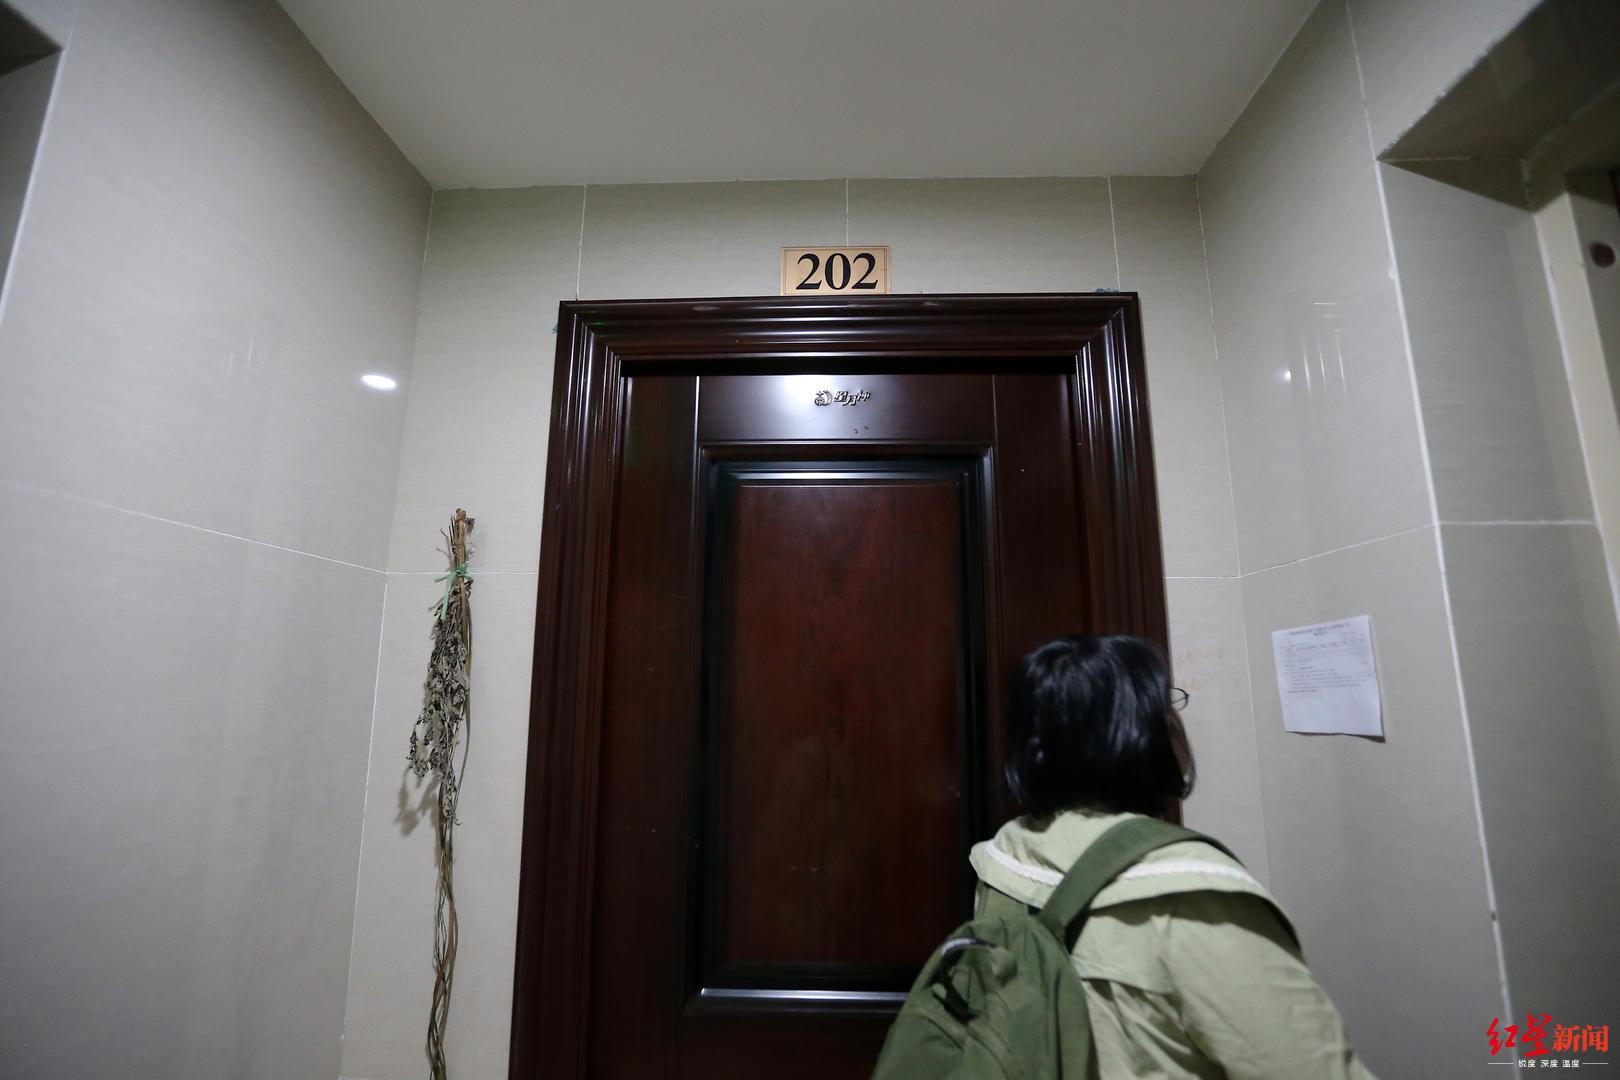 ▲黄先生拿到钥匙的门牌为201的房子在合同上应该是202,挂门牌号202的房子已有别人入住